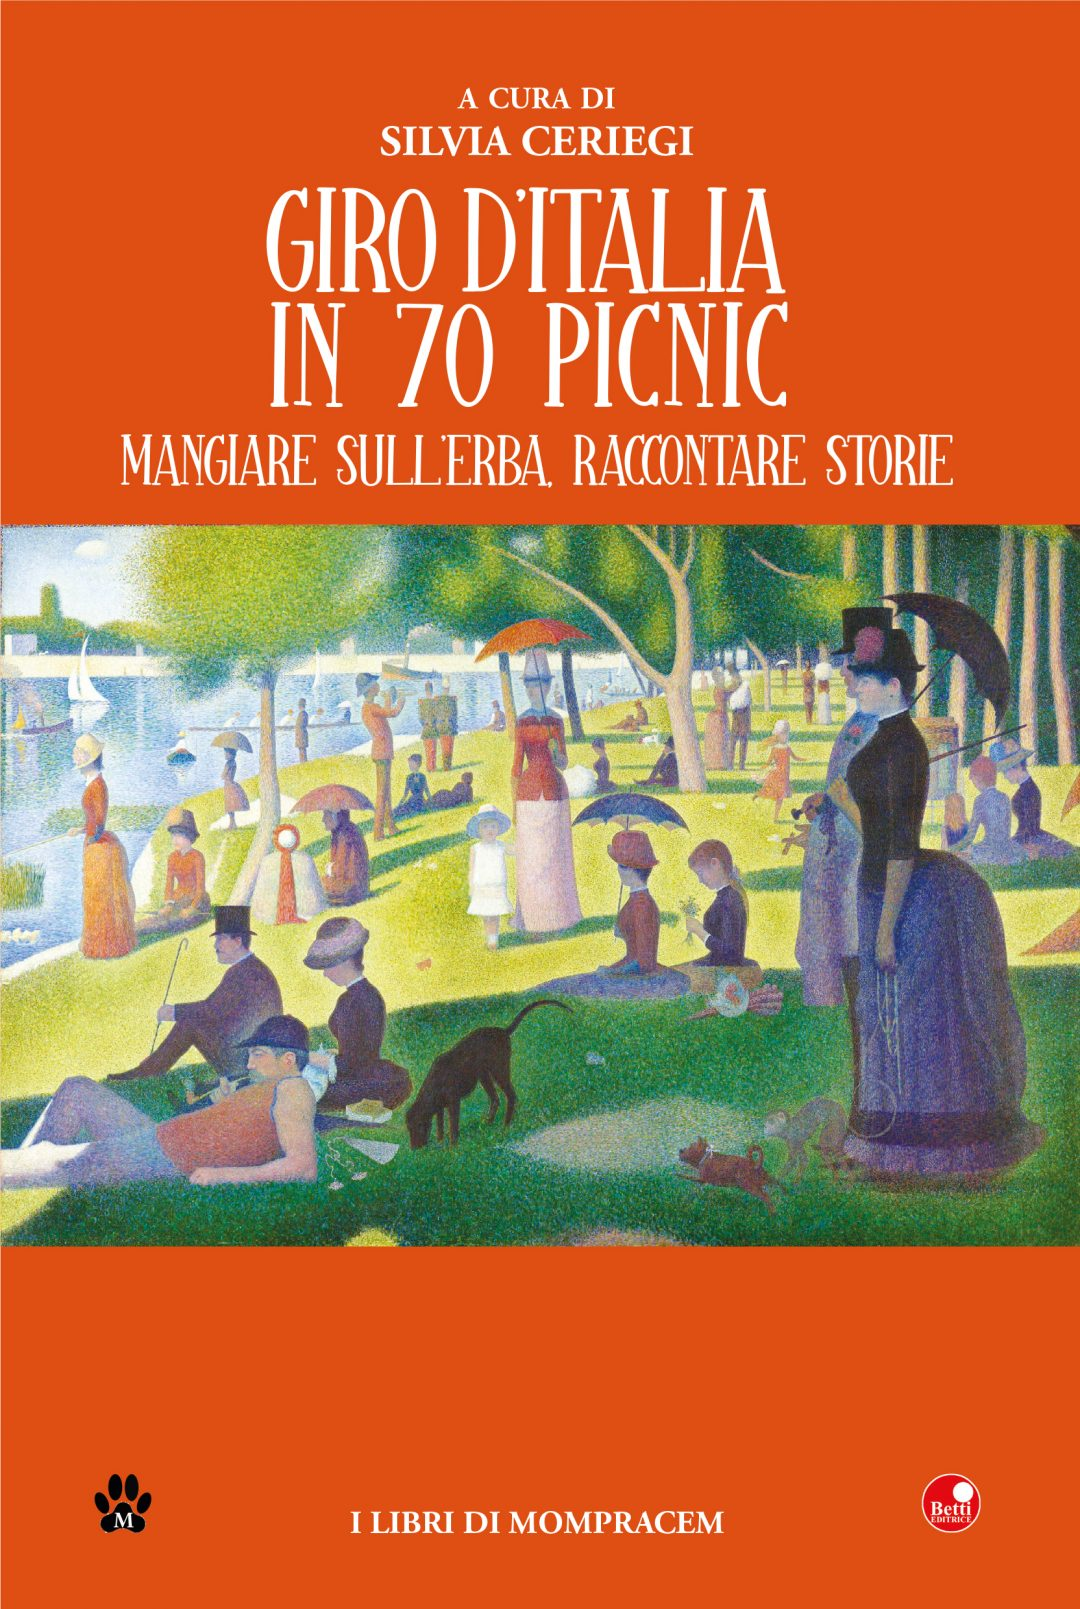 Idee originali per un picnic made in Italy: il libro